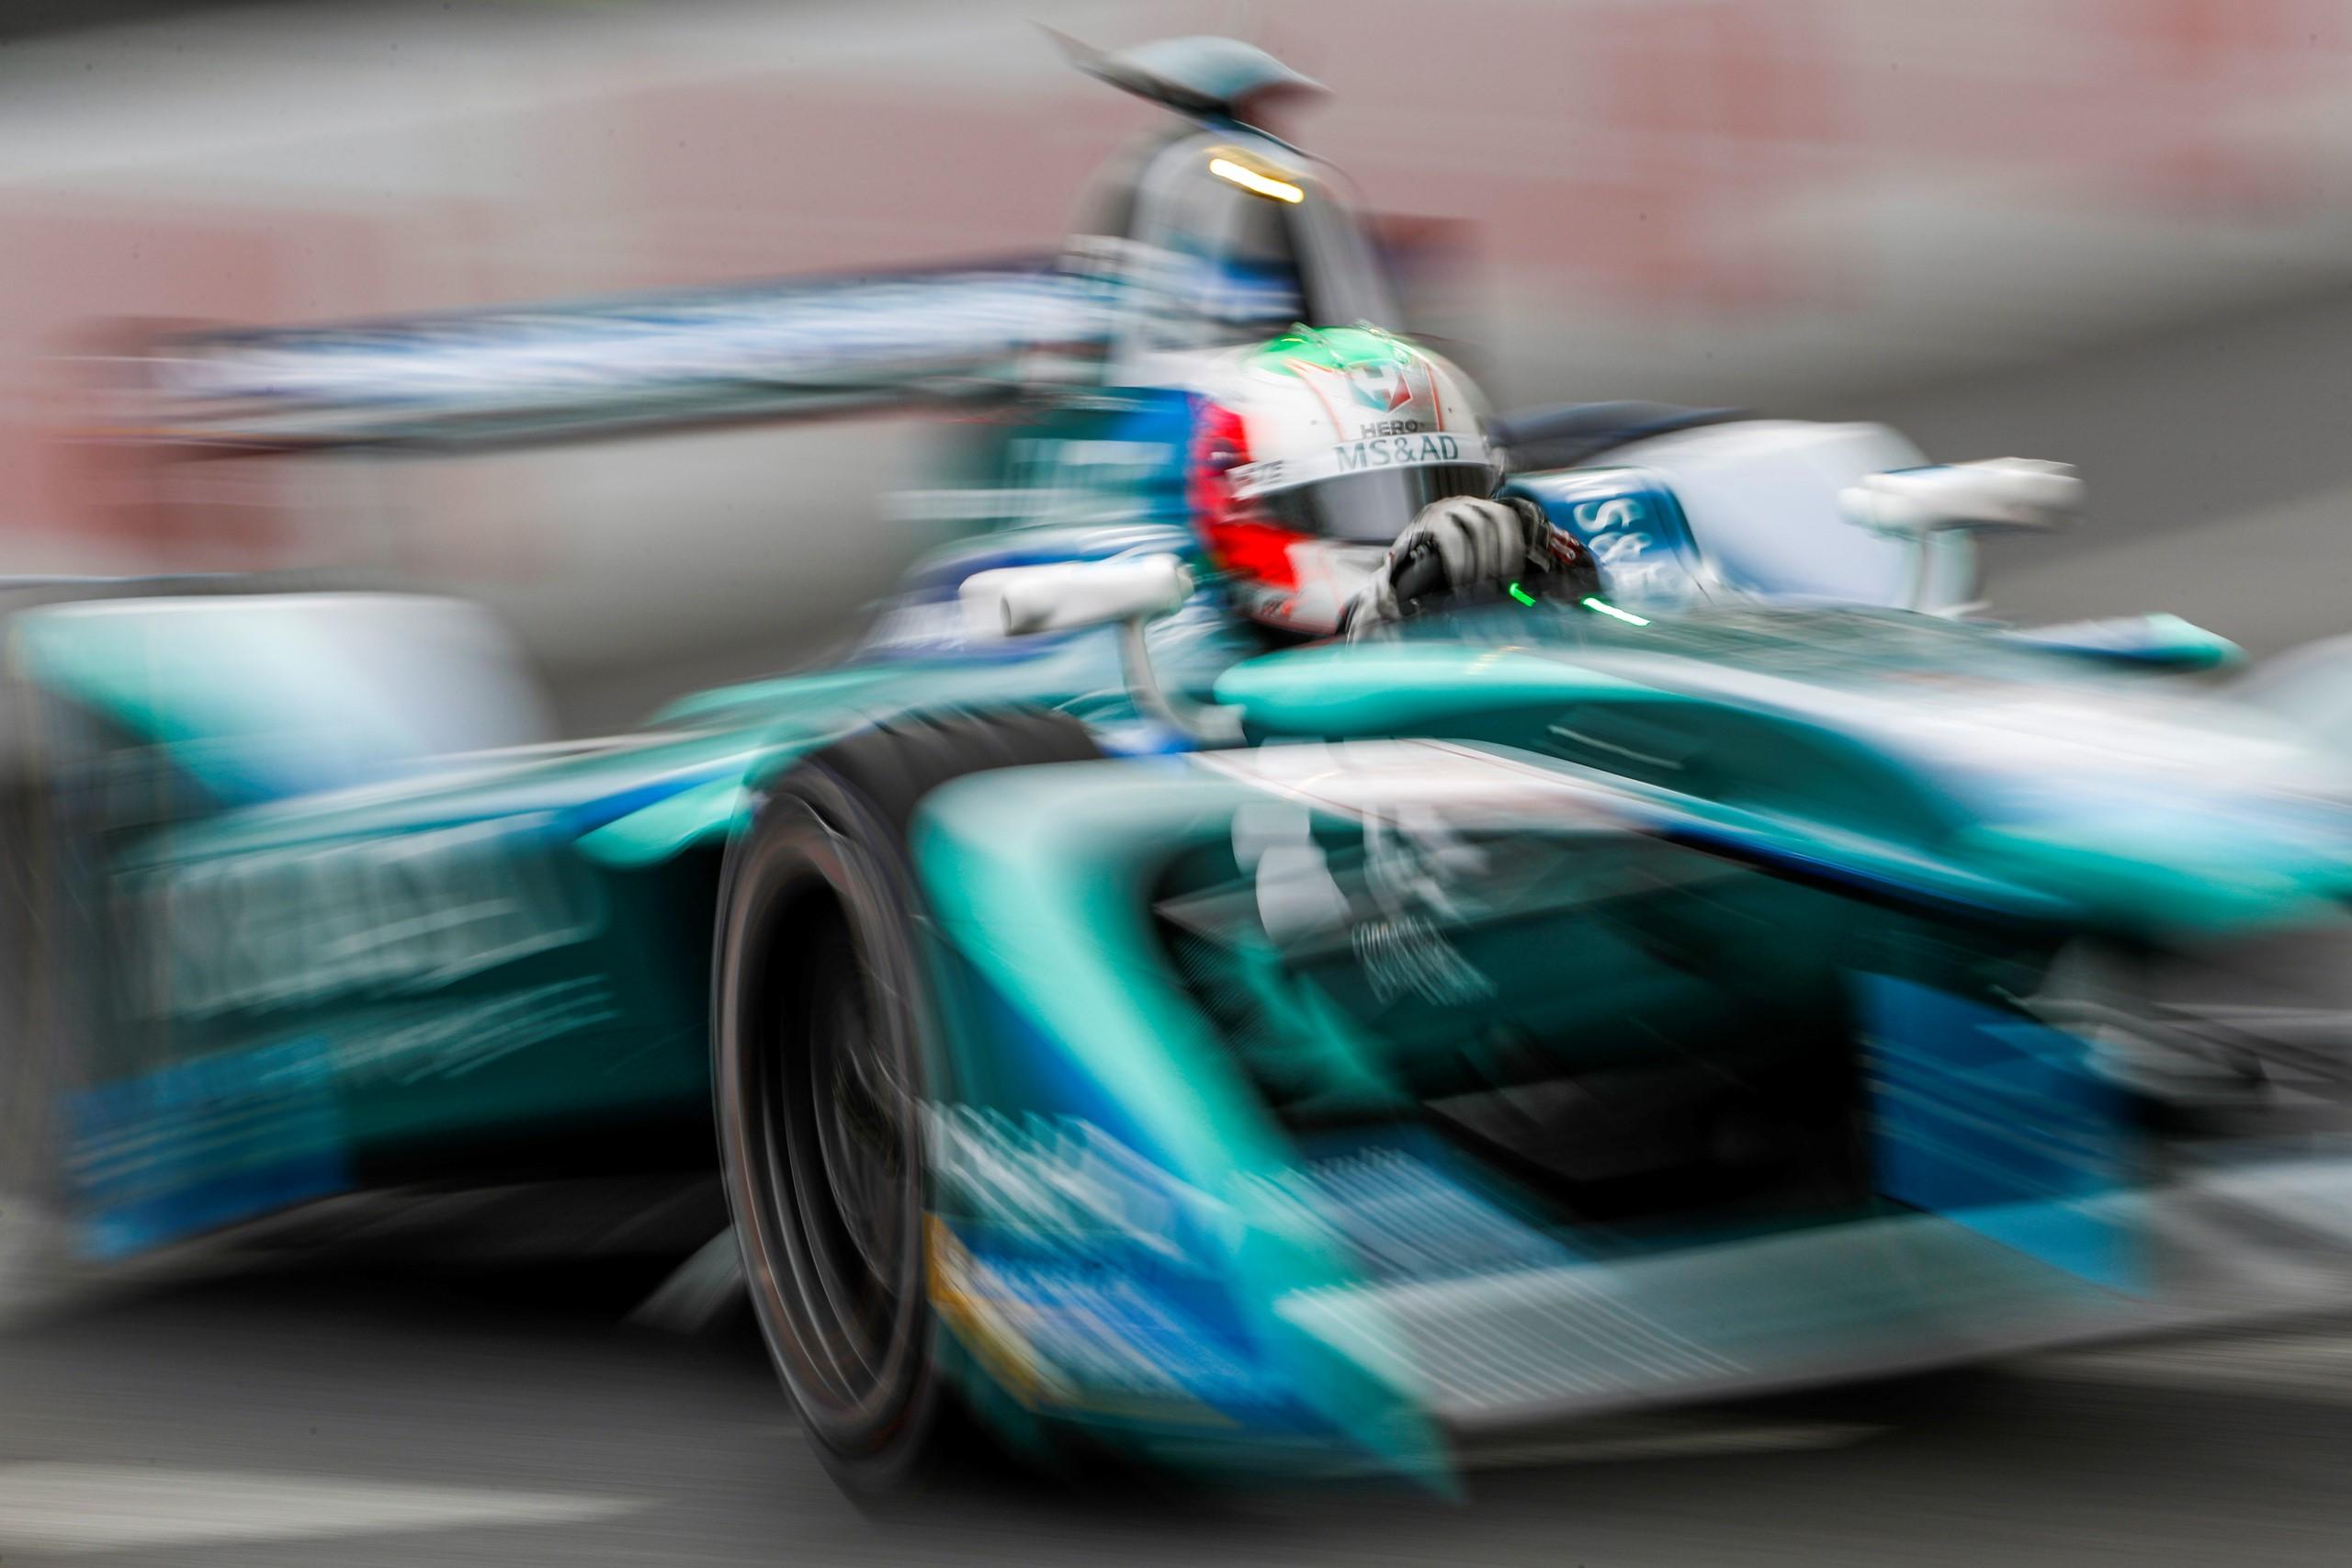 formula e paris eprix Tom Blomqvist BMW MS&AD Andretti Formula E soumilarora.com